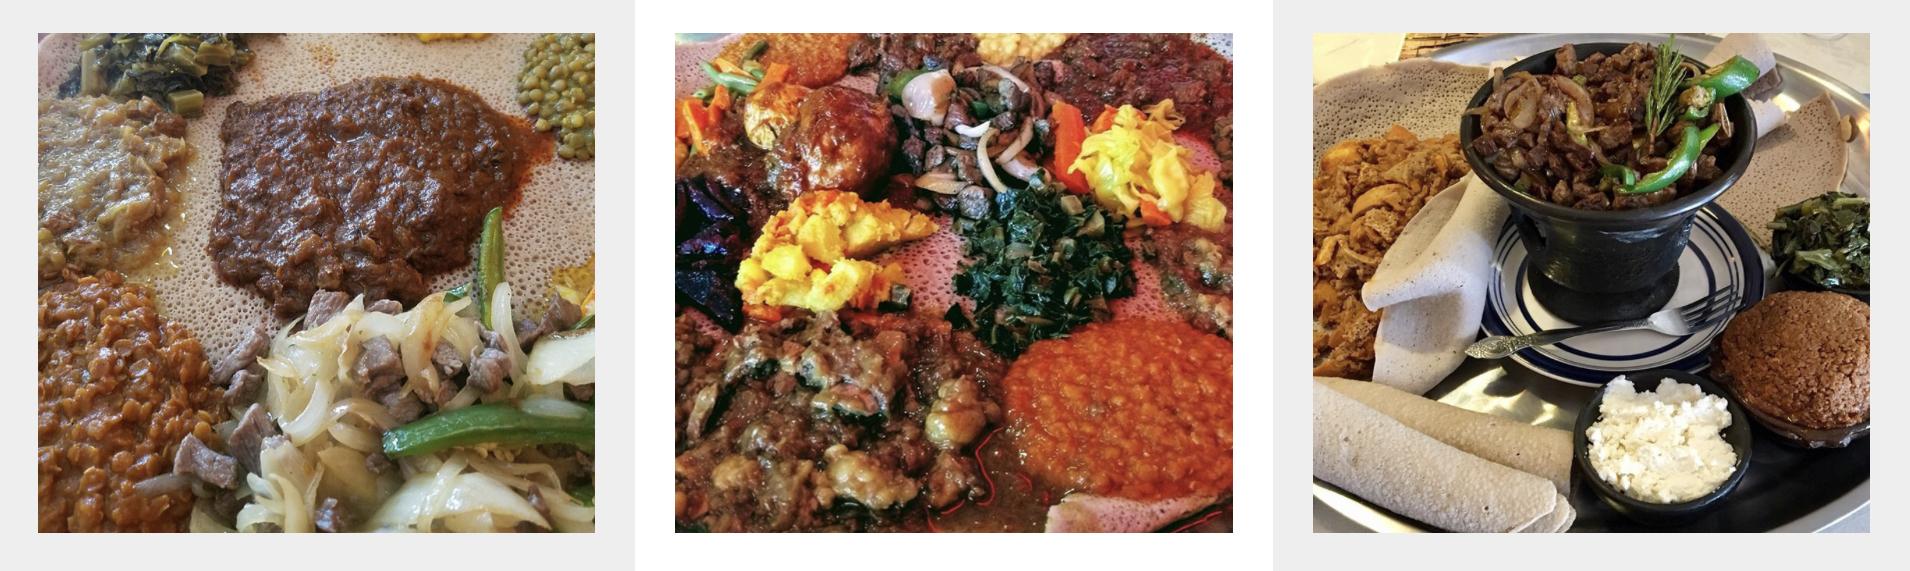 Abyssinia Restaurant and Cafe Ethiopian Cuisine